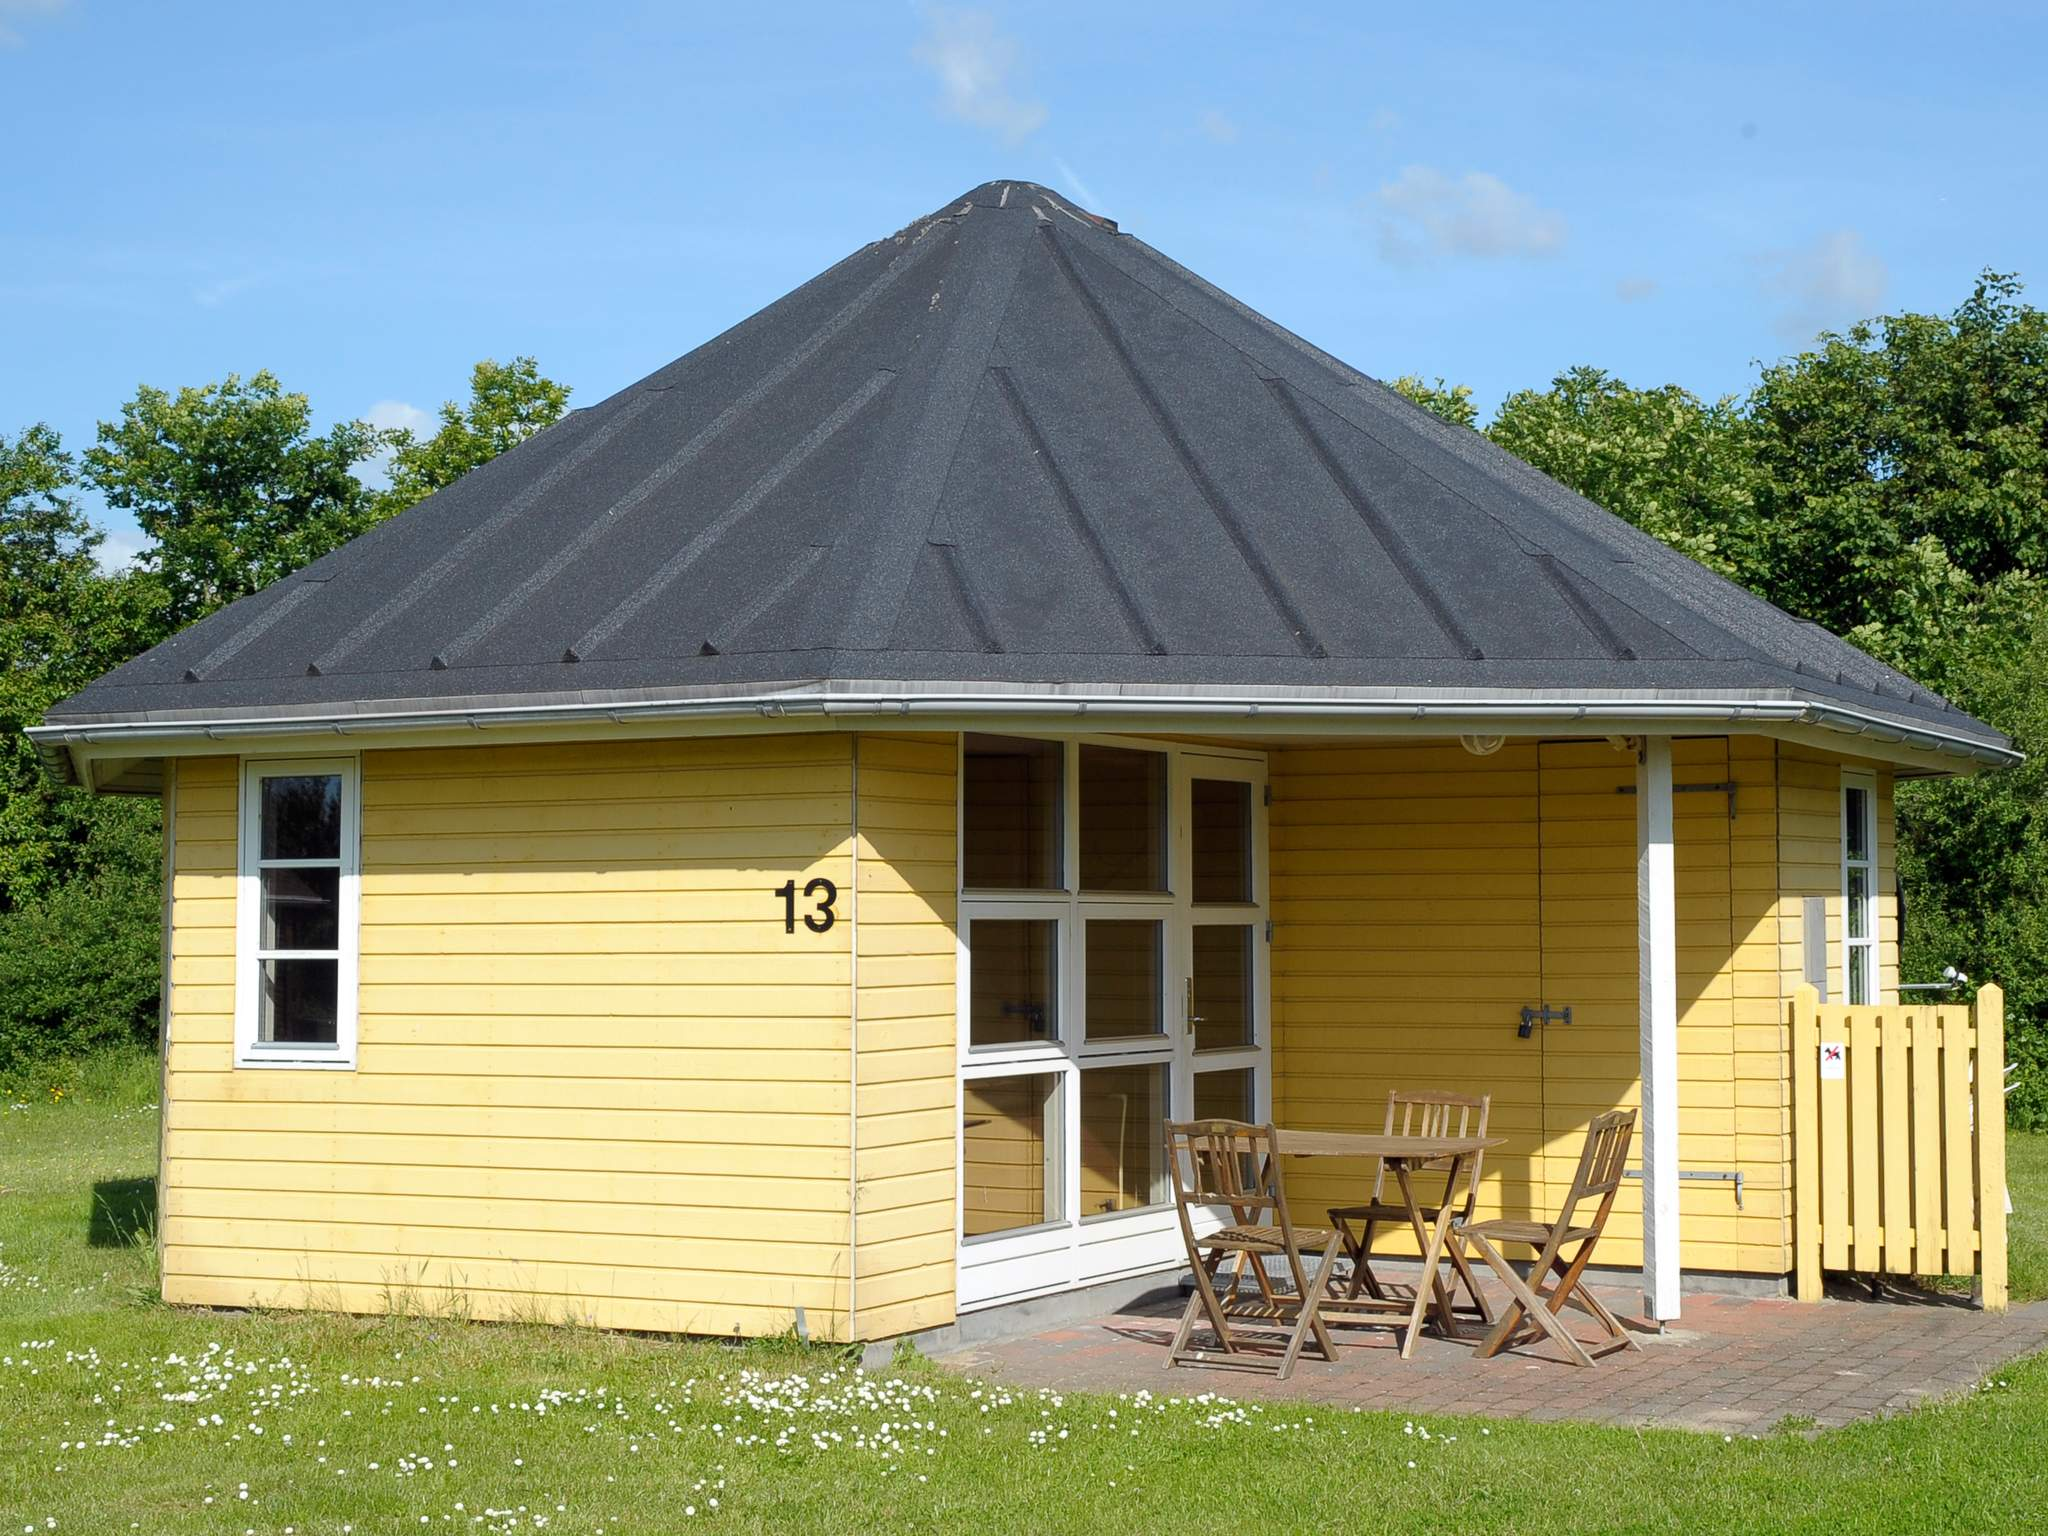 Ferienhaus Hovborg (404747), Hovborg, , Südjütland, Dänemark, Bild 1